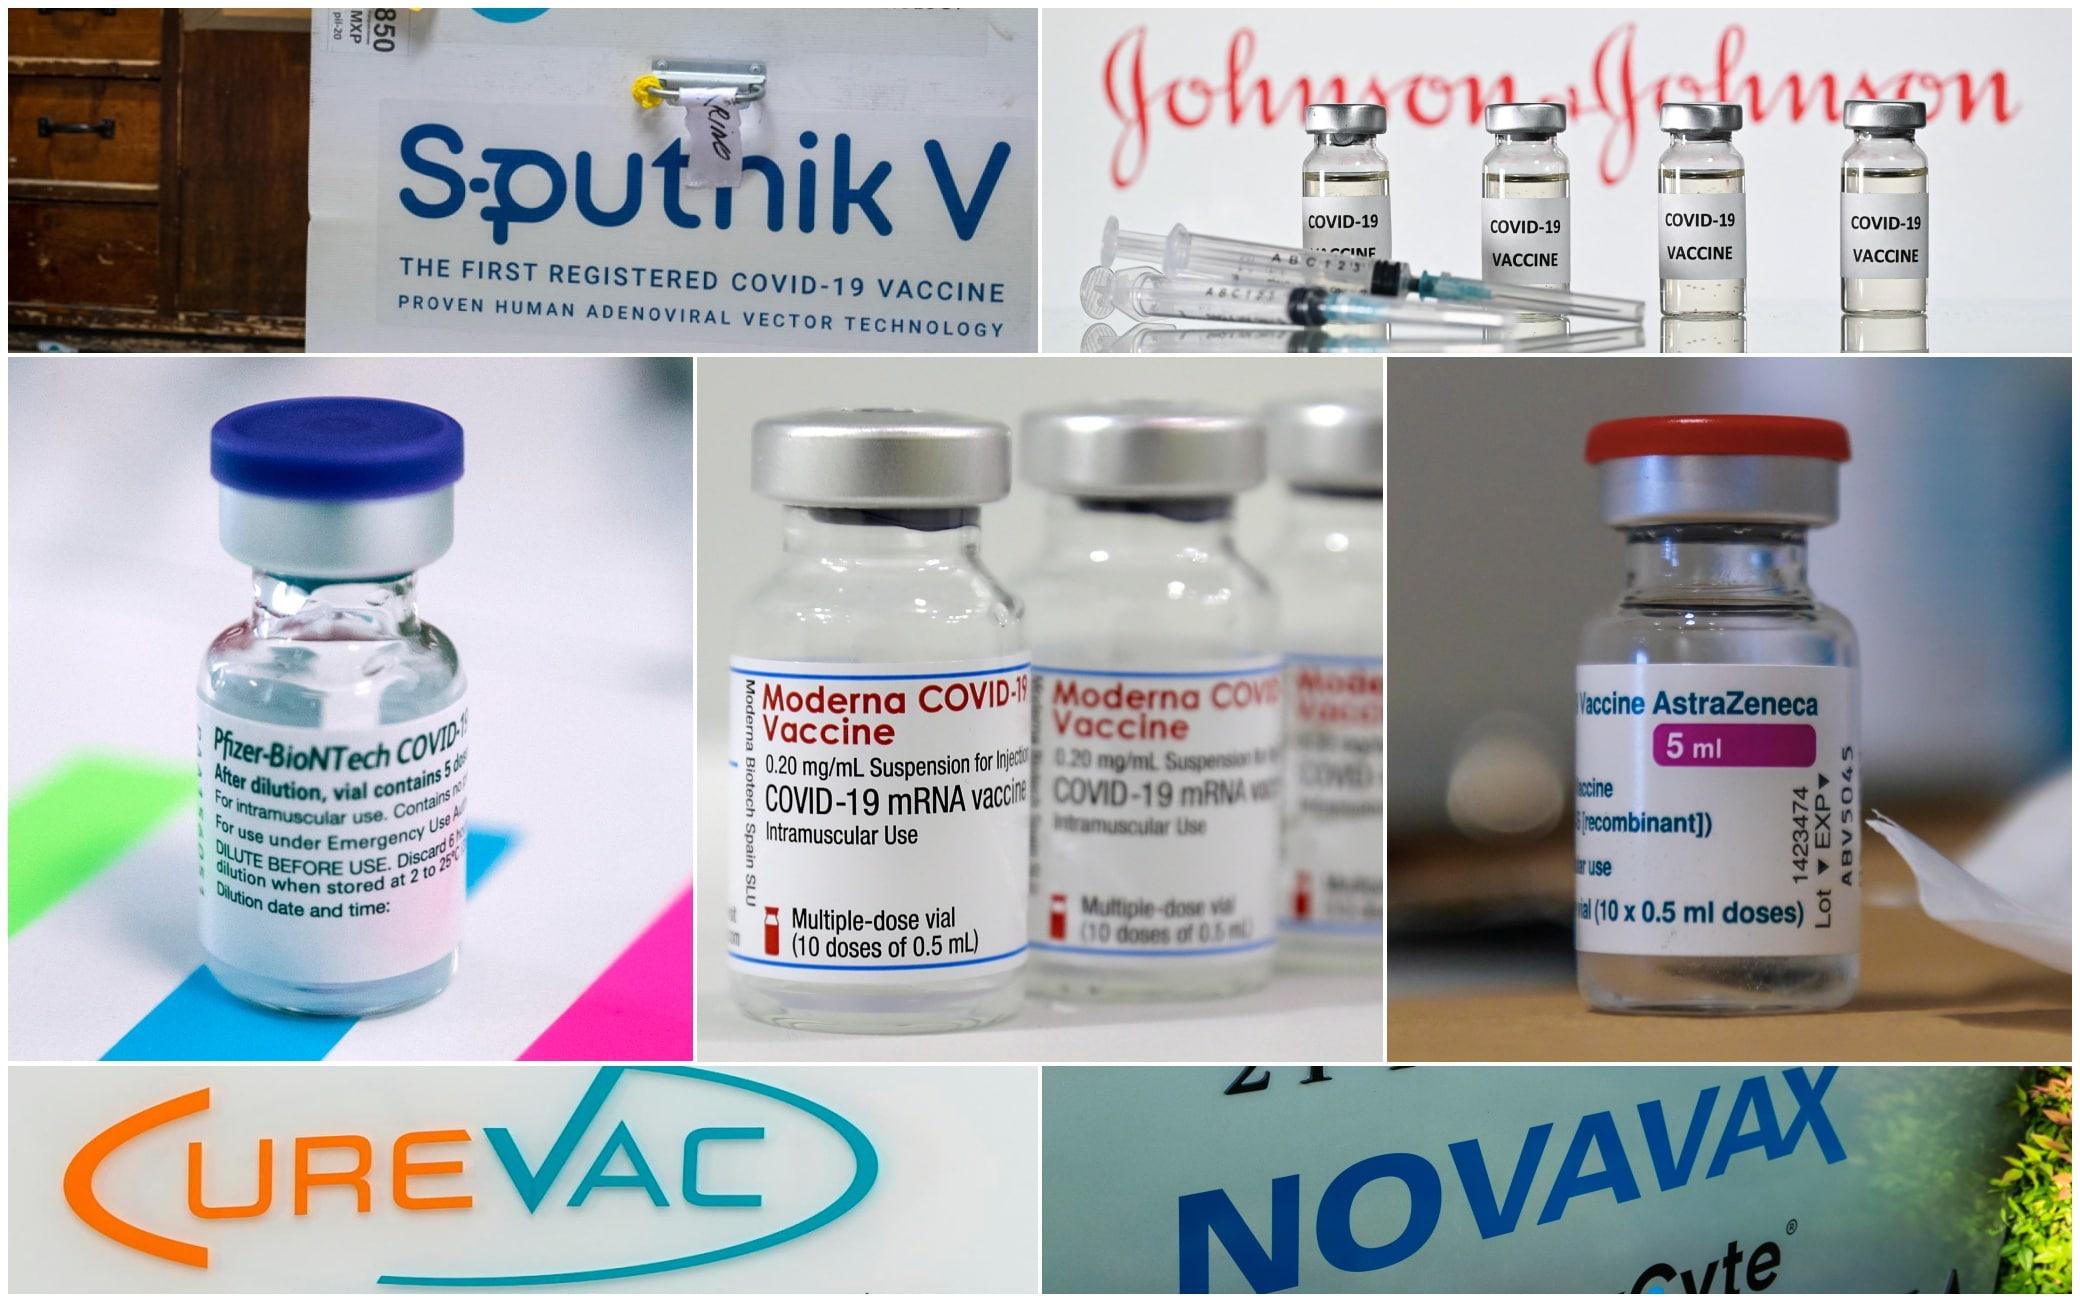 Vaccini anti-Covid, quali sono in uso e quali in esame: le differenze